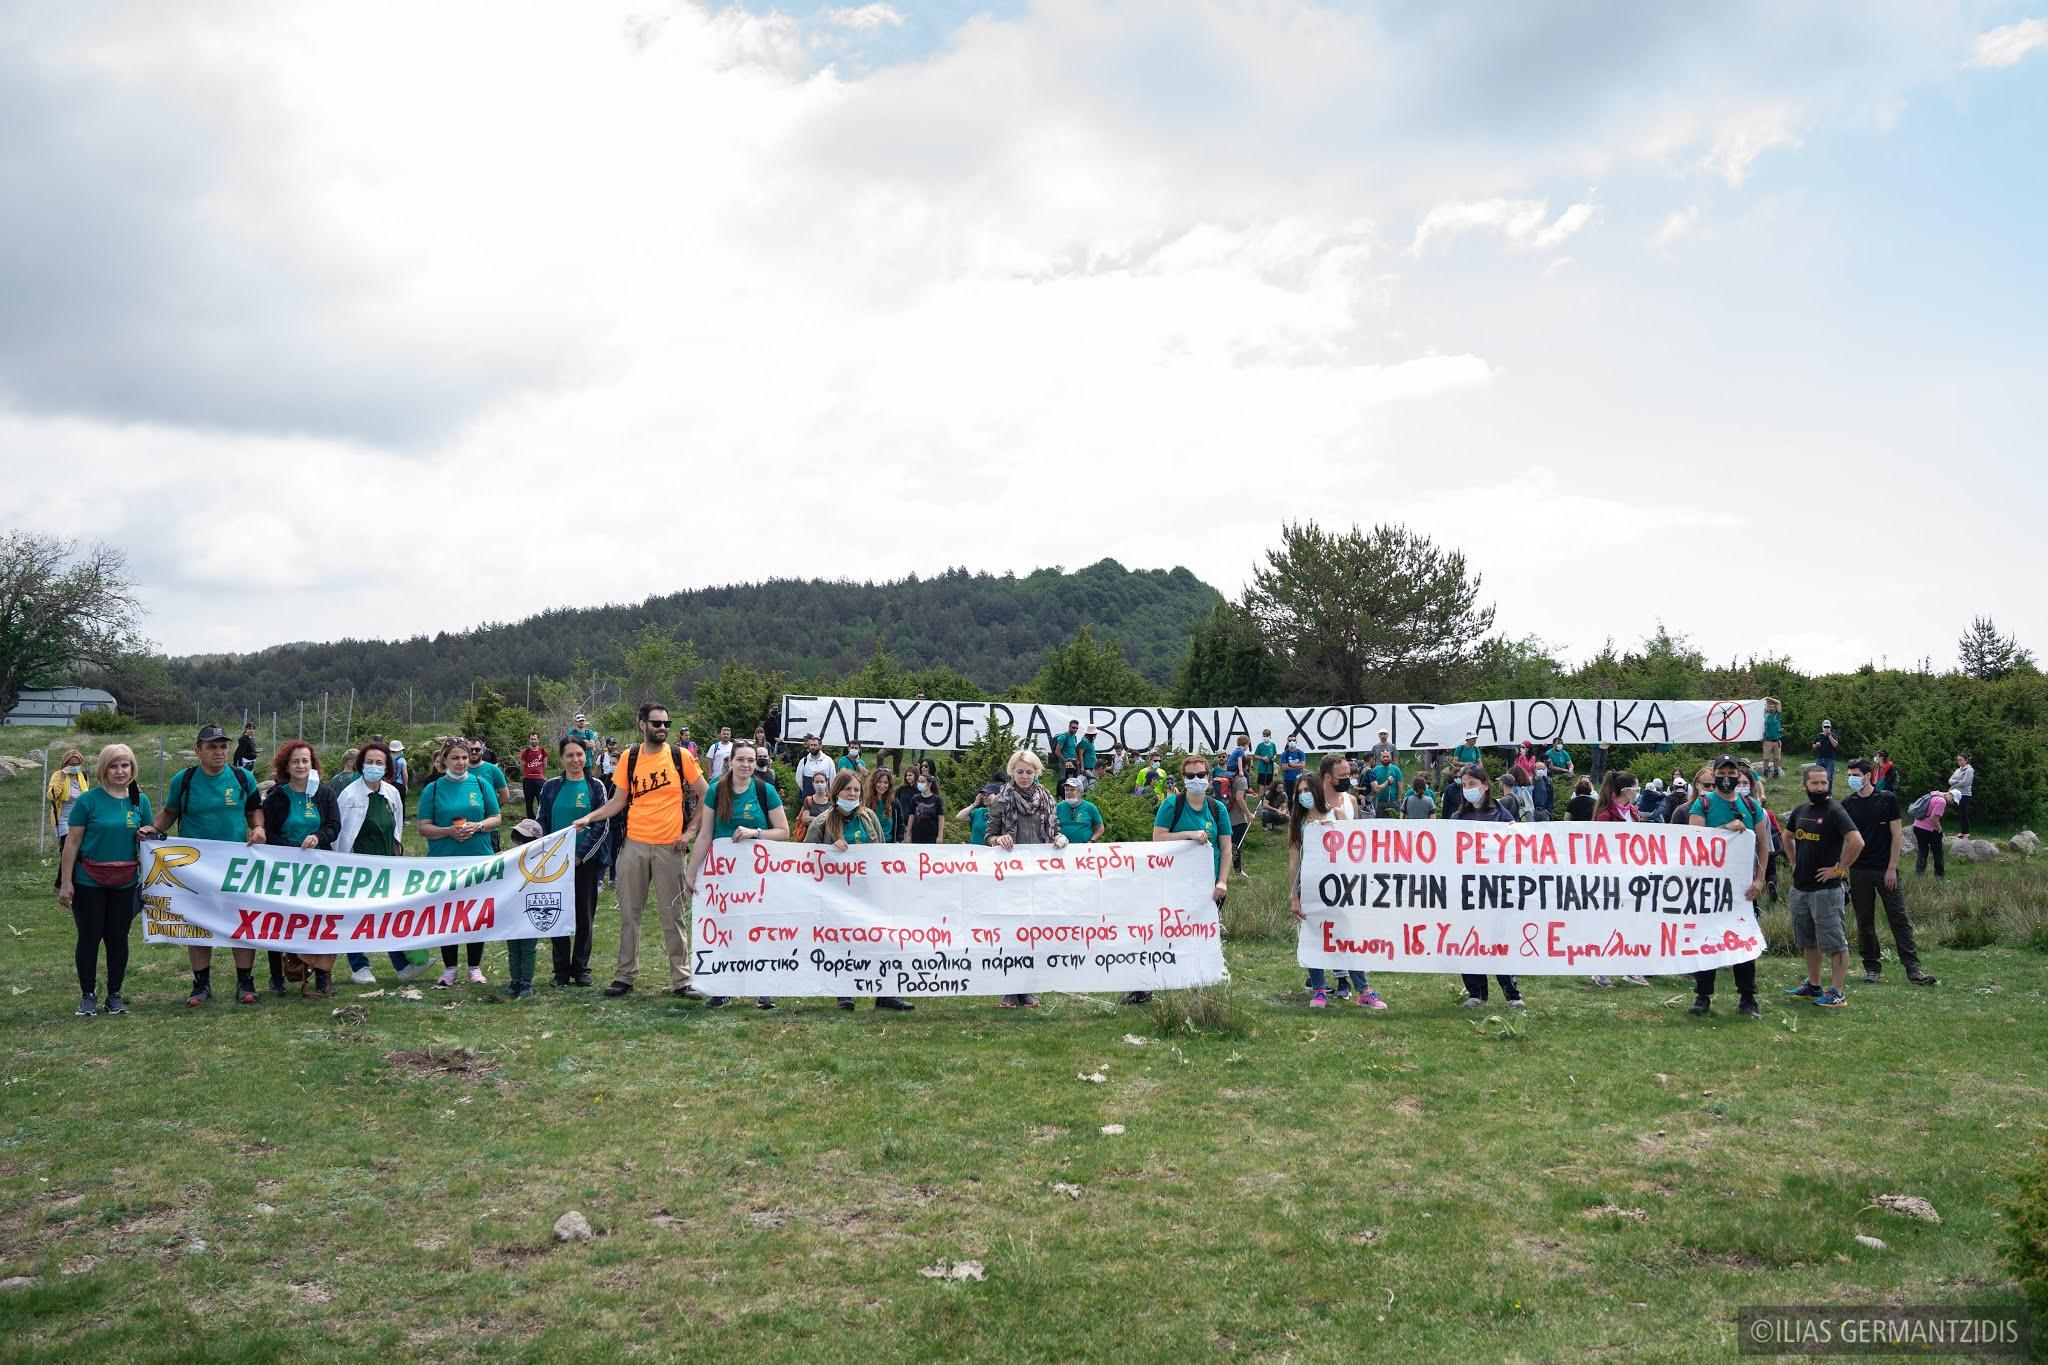 Συνεχίζονται οι αντιδράσεις για τα αιολικά πάρκα στην ορεινή Ξάνθη